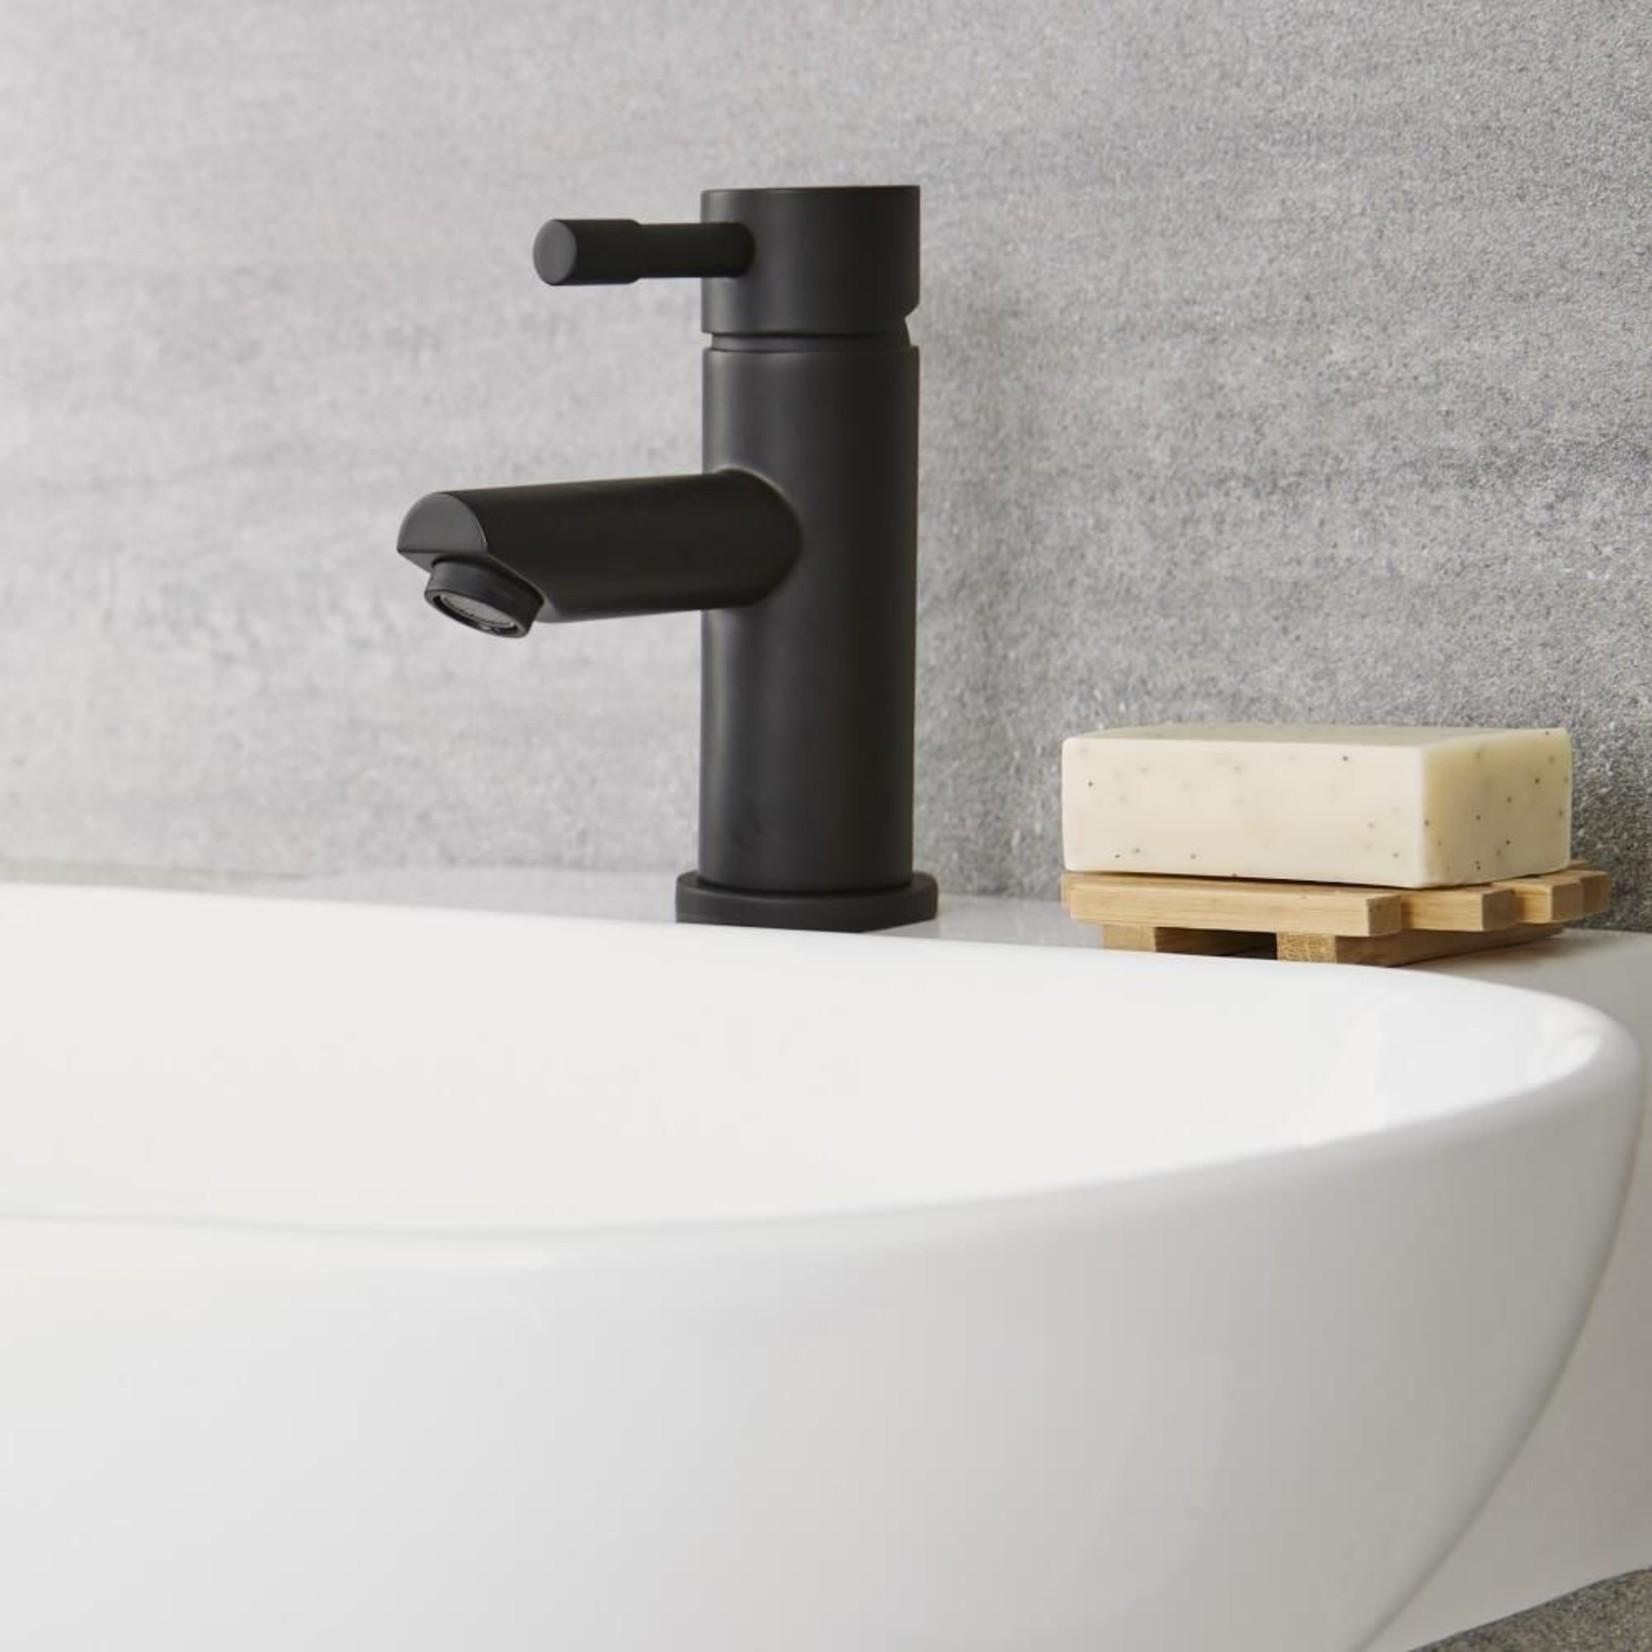 Nortrends NRD-20401-MB Matte Black Lavatory Faucet